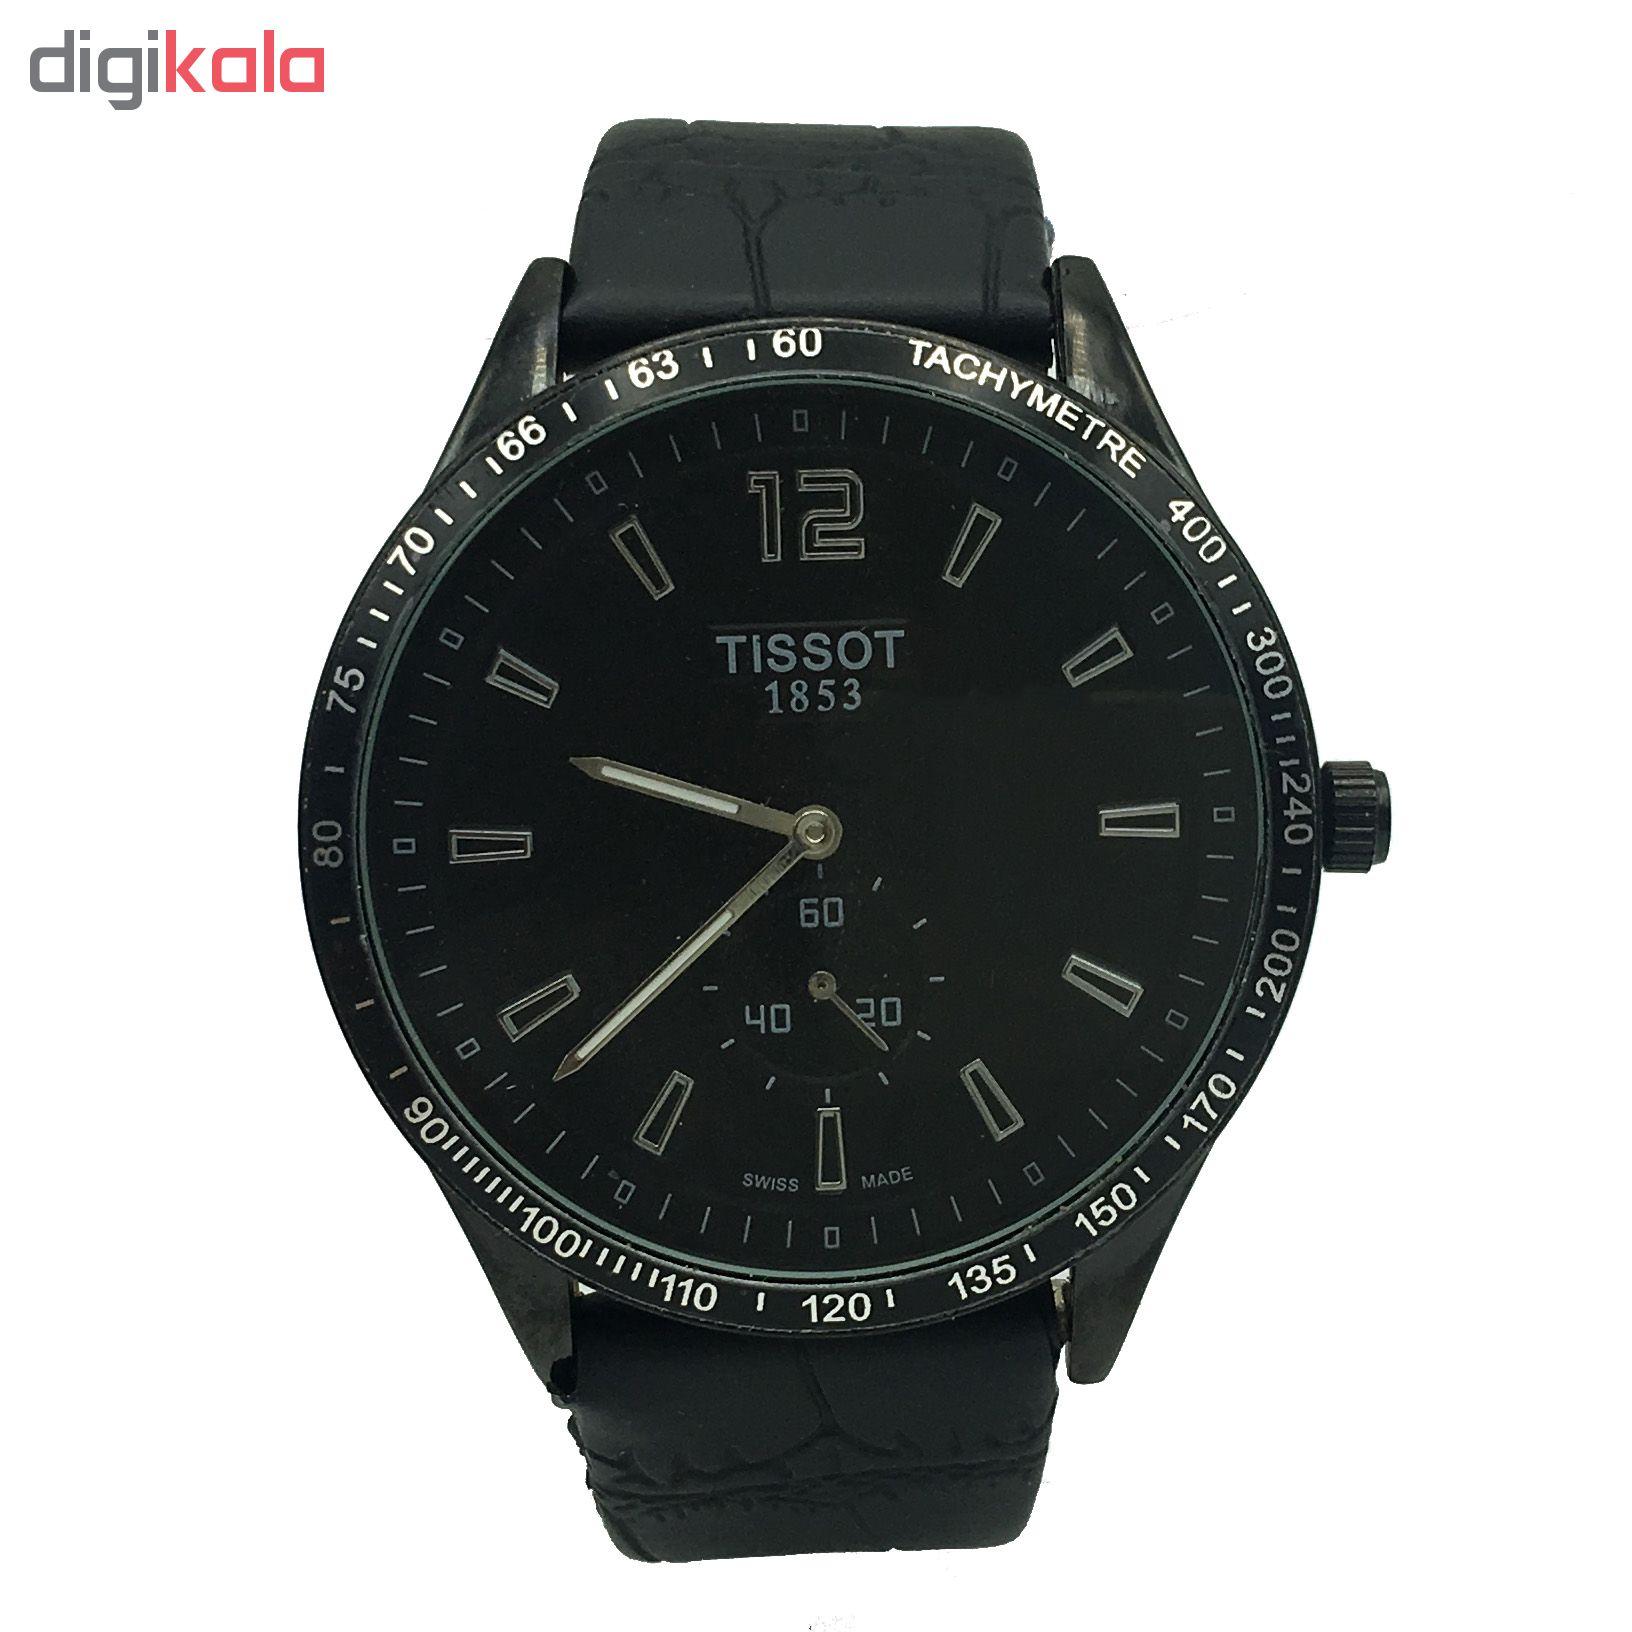 خرید ساعت مچی عقربه ای مردانه مدل Tb